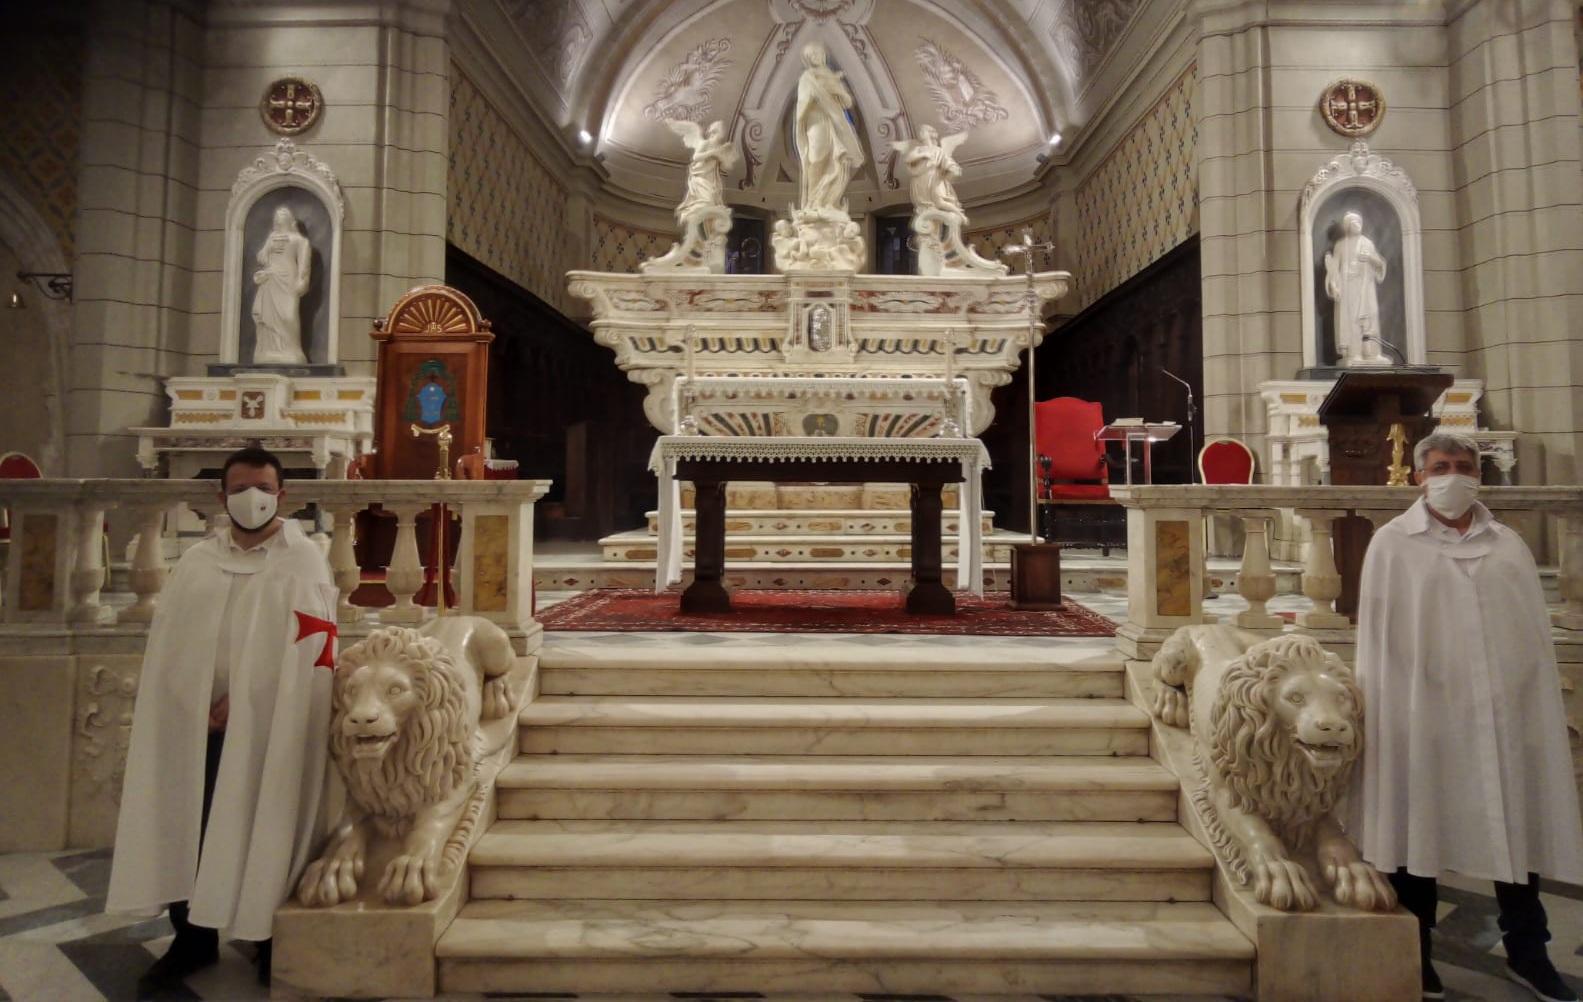 Santa Messa e turno di custodia nella Cattedrale dell'Immacolata di Ozieri (Sassari) (Luglio 2021)